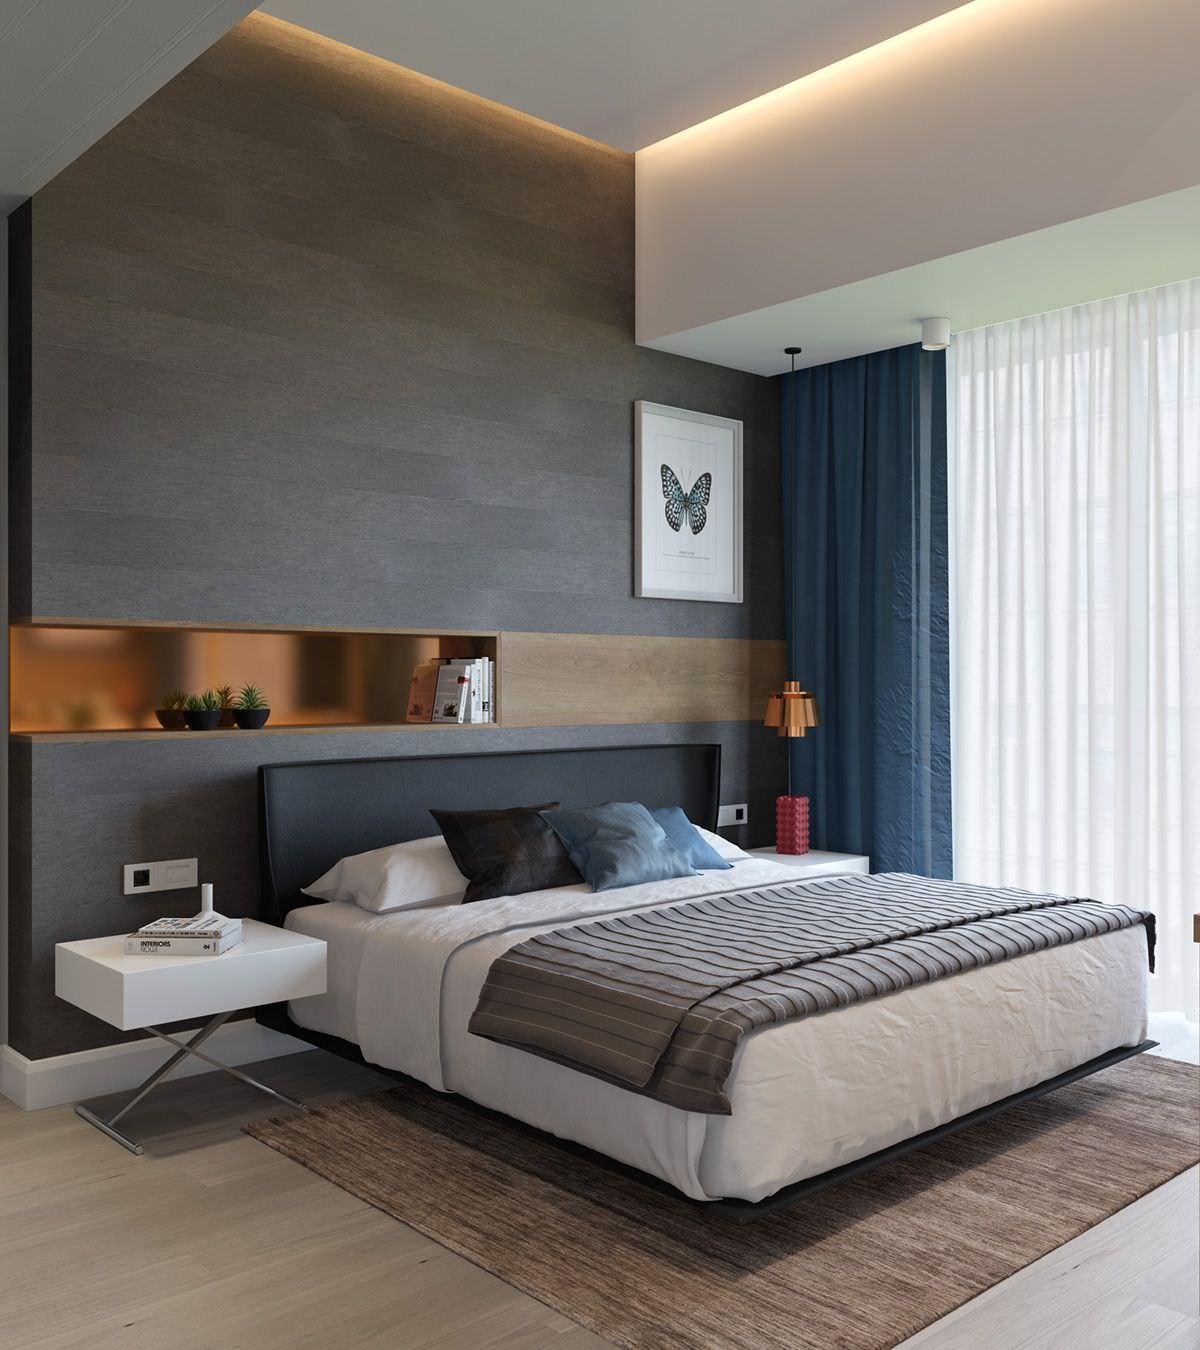 Design Camera Da Letto Moderna.100 Idee Camere Da Letto Moderne Stile E Design Per Un Ambiente